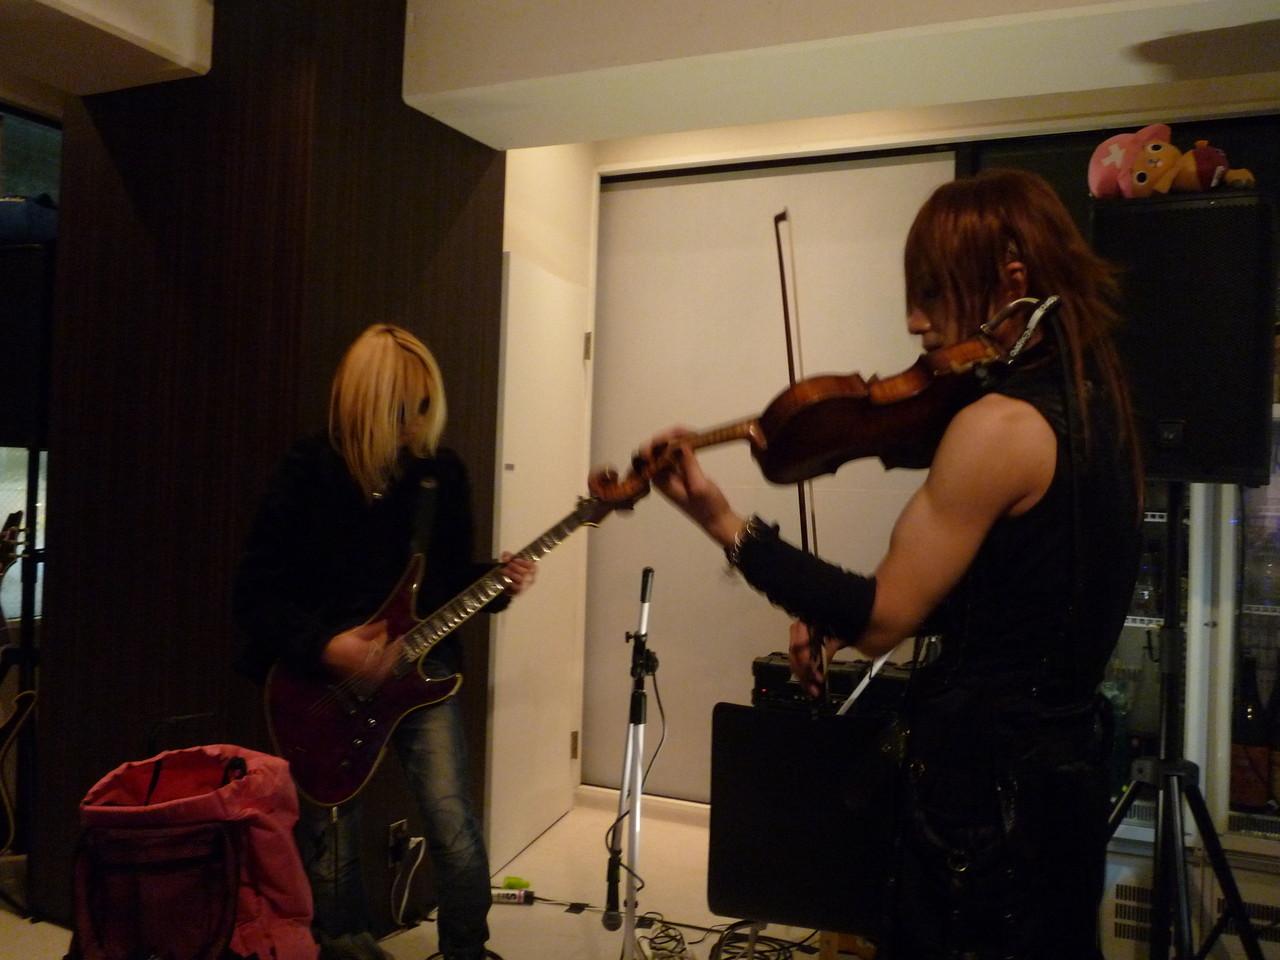 いきなりの即興セッション、弦楽器バトルに みんな大興奮!